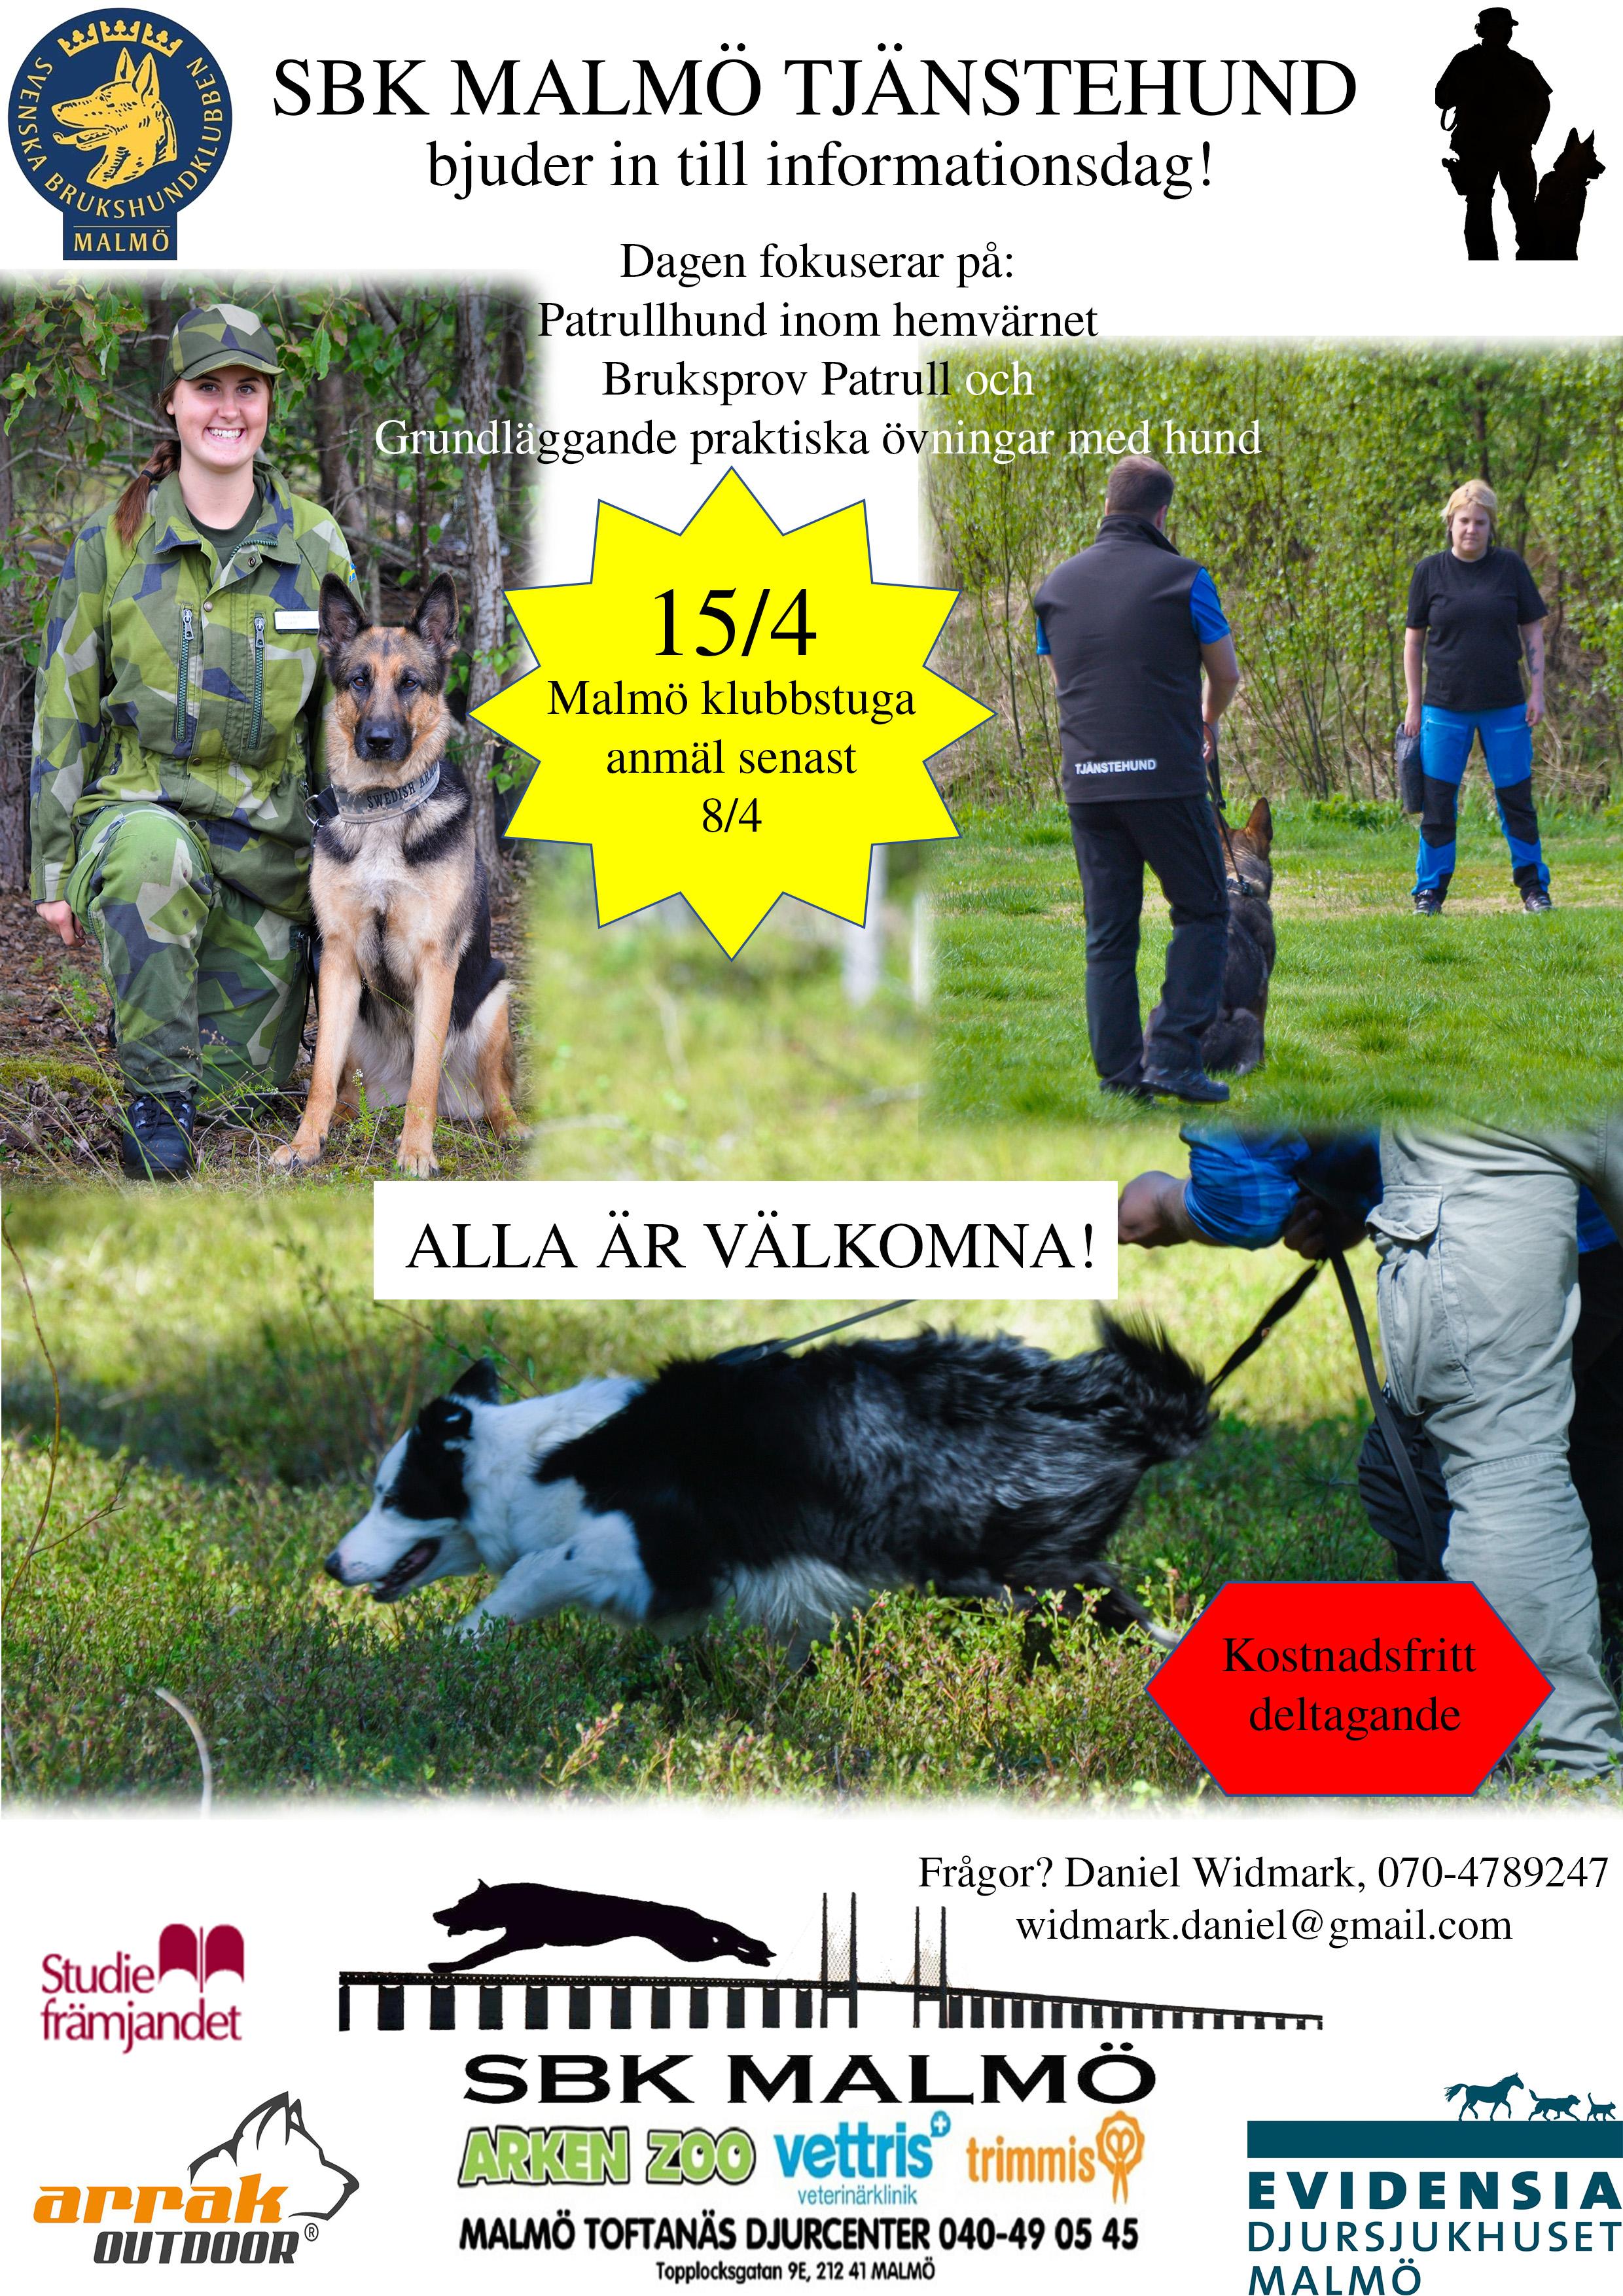 SBK Malmö informationsdag påminnelse